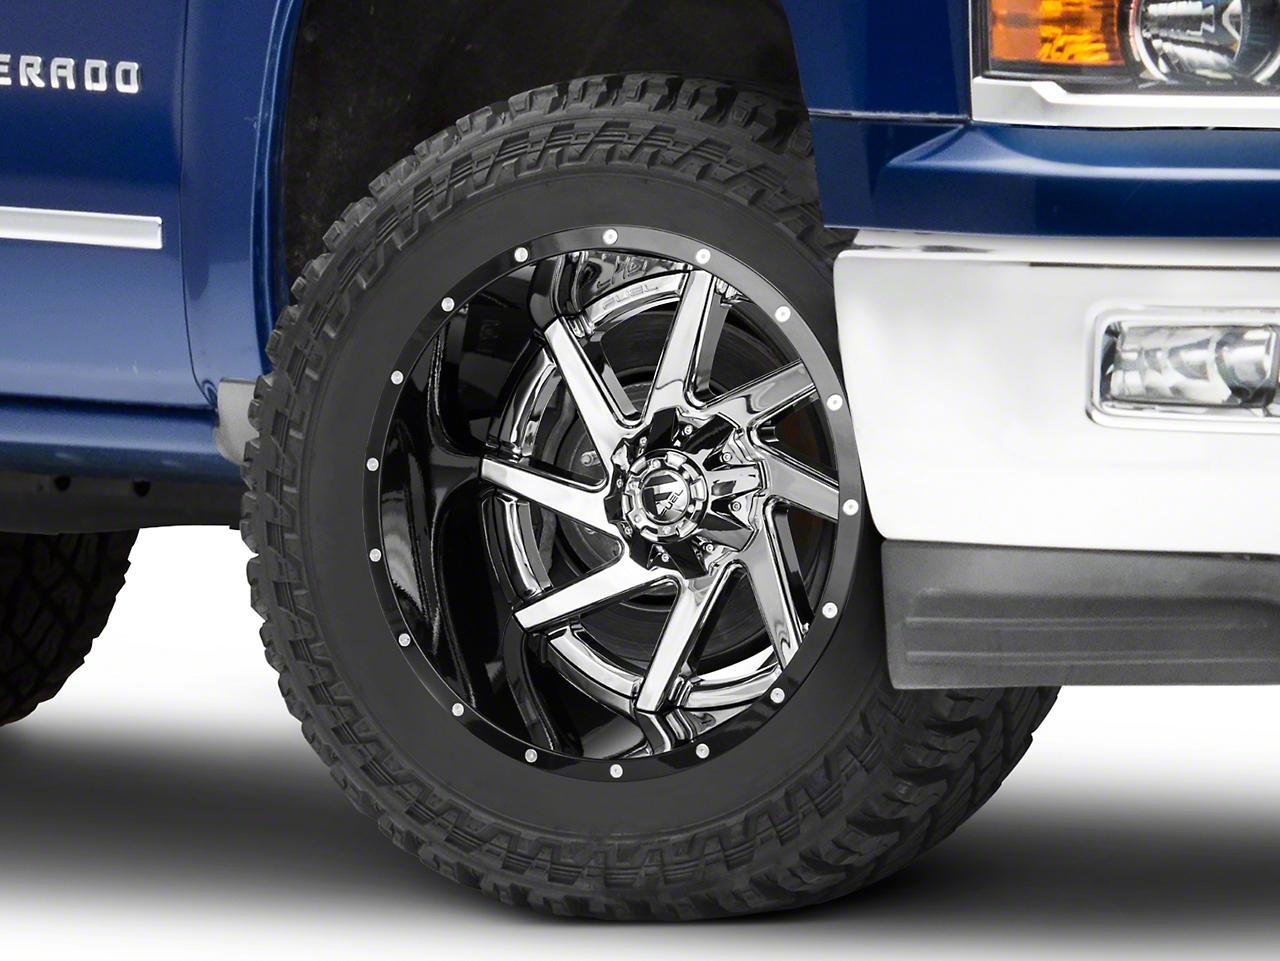 Fuel Wheels Renegade Chrome w/ Gloss Black Lip 6-Lug Wheel - 22x14 (99-18 Silverado 1500)